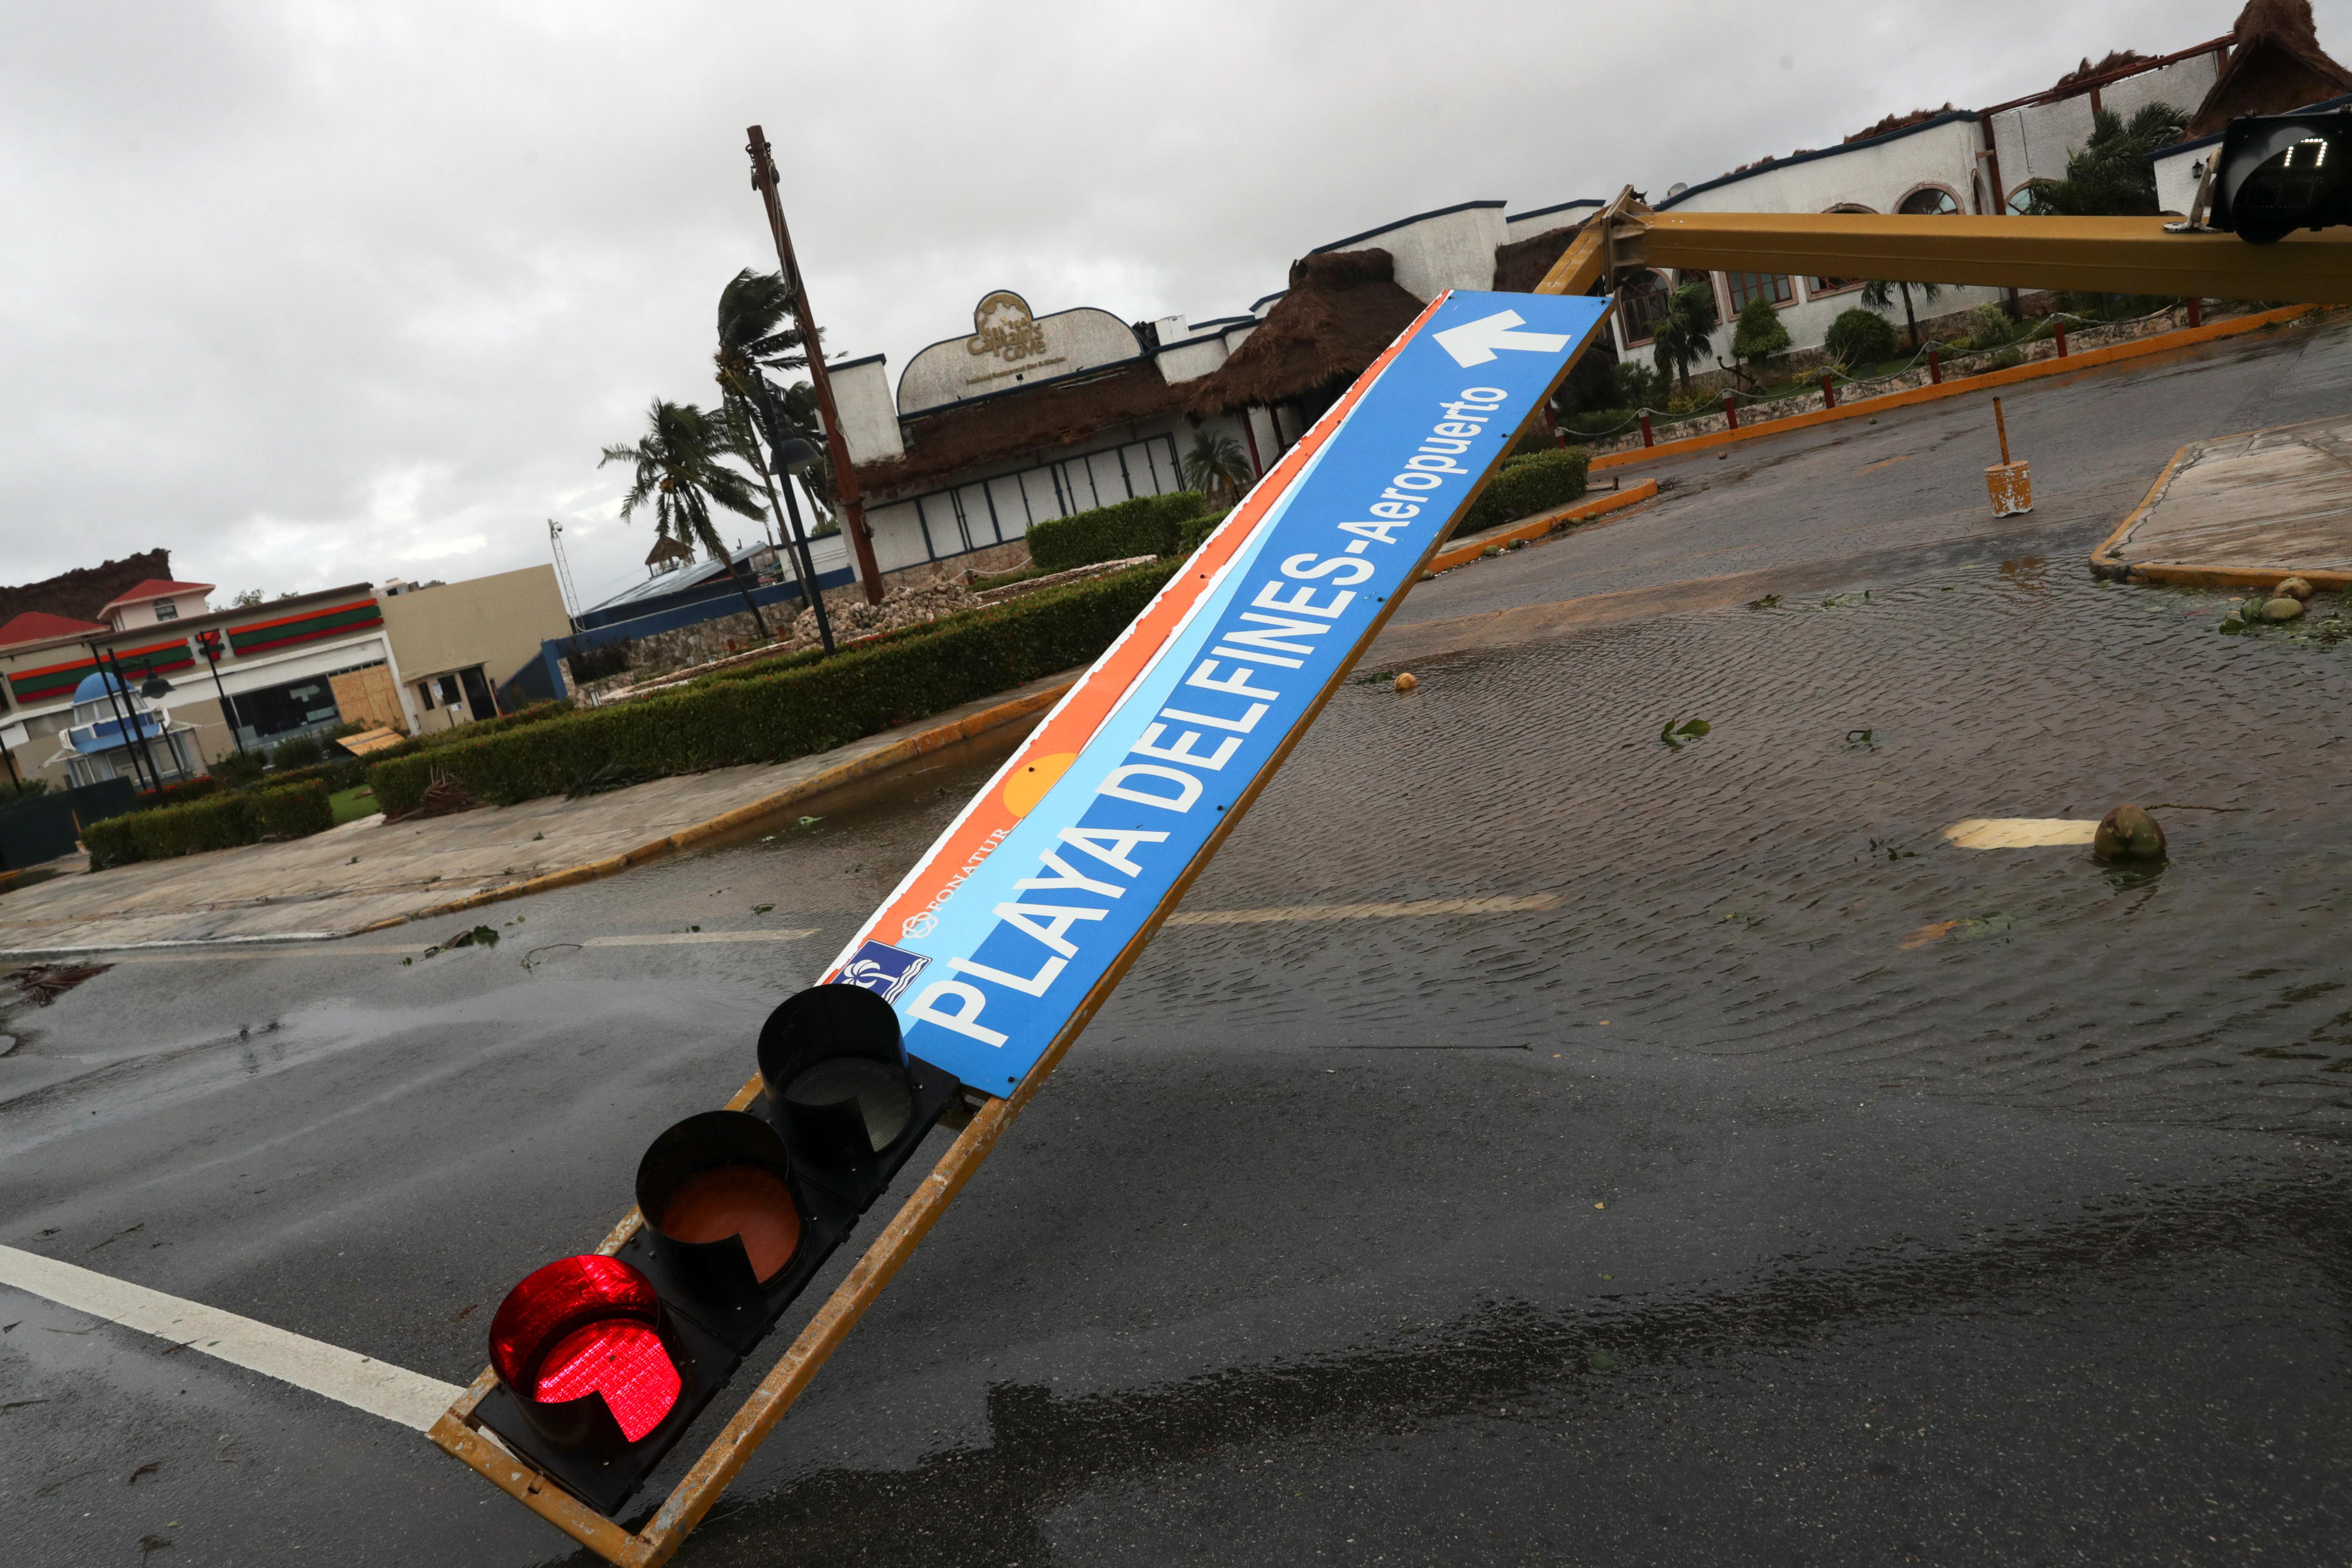 Se ve un semáforo caído después del impacto del huracán Delta, en Cancún, en el estado de Quintana Roo, México, el 7 de octubre de 2020.